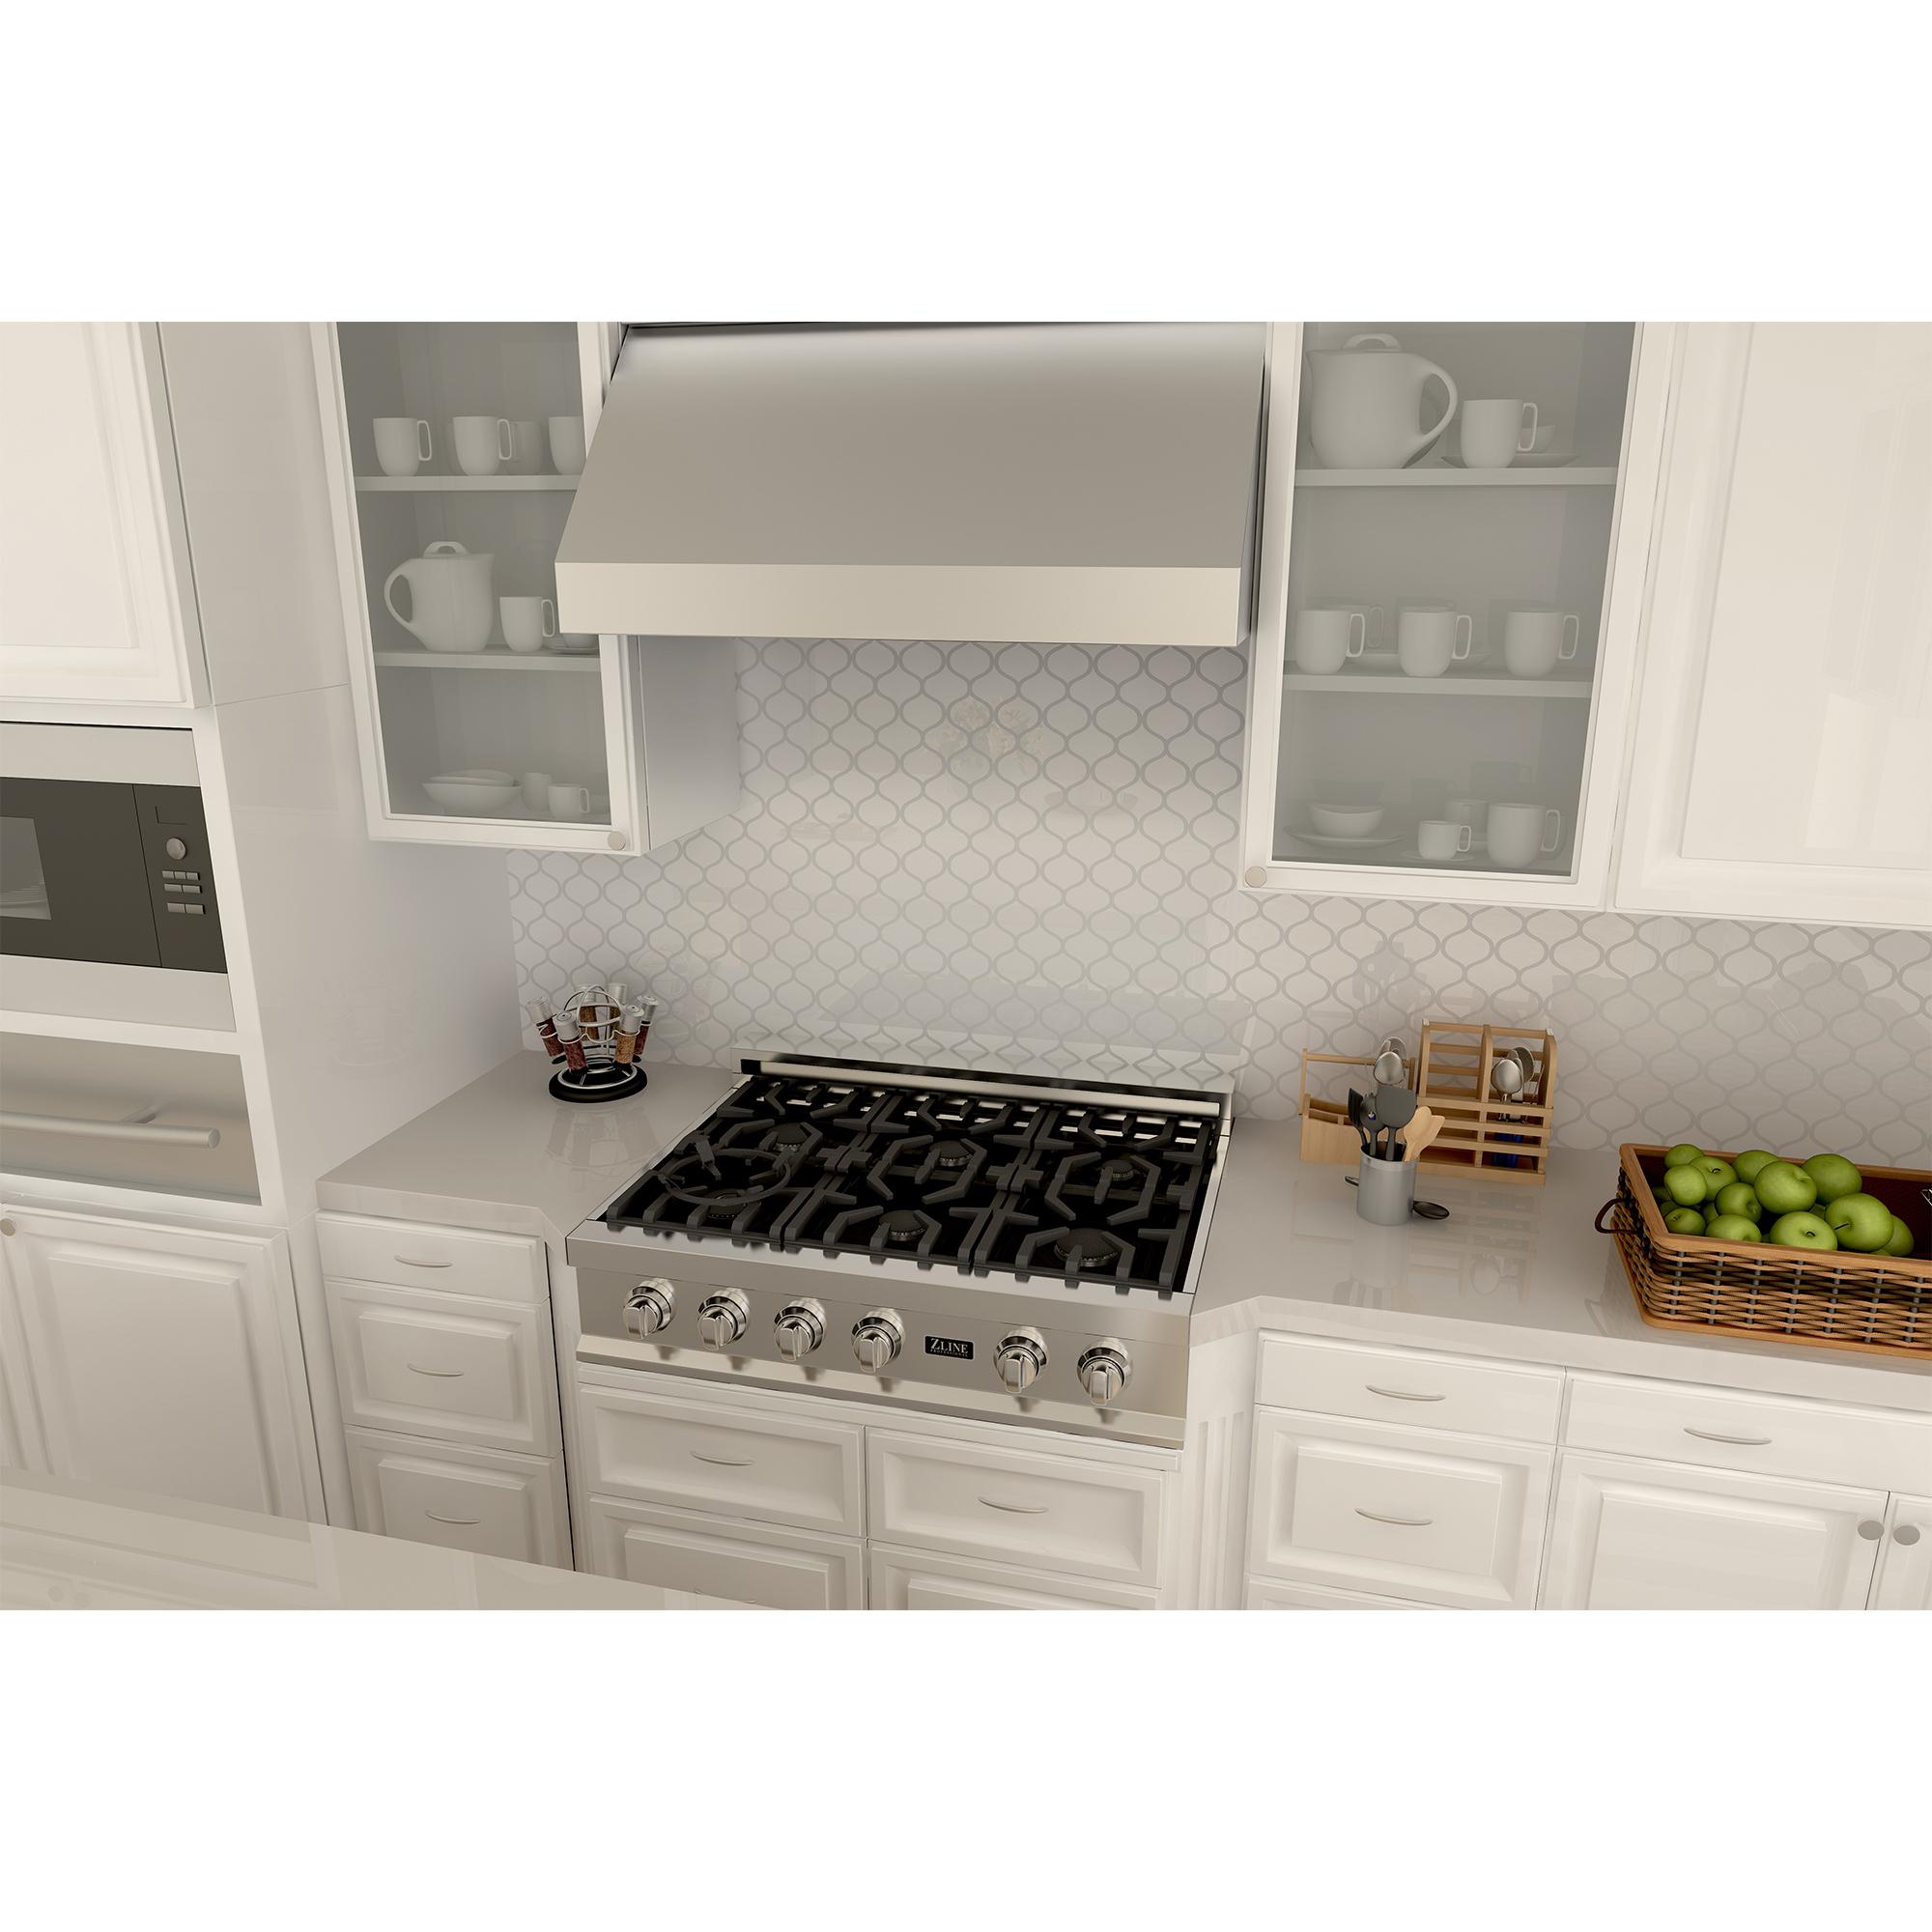 zline-stainless-steel-under-cabinet-range-hood-523-kitchen-updated-2.jpg